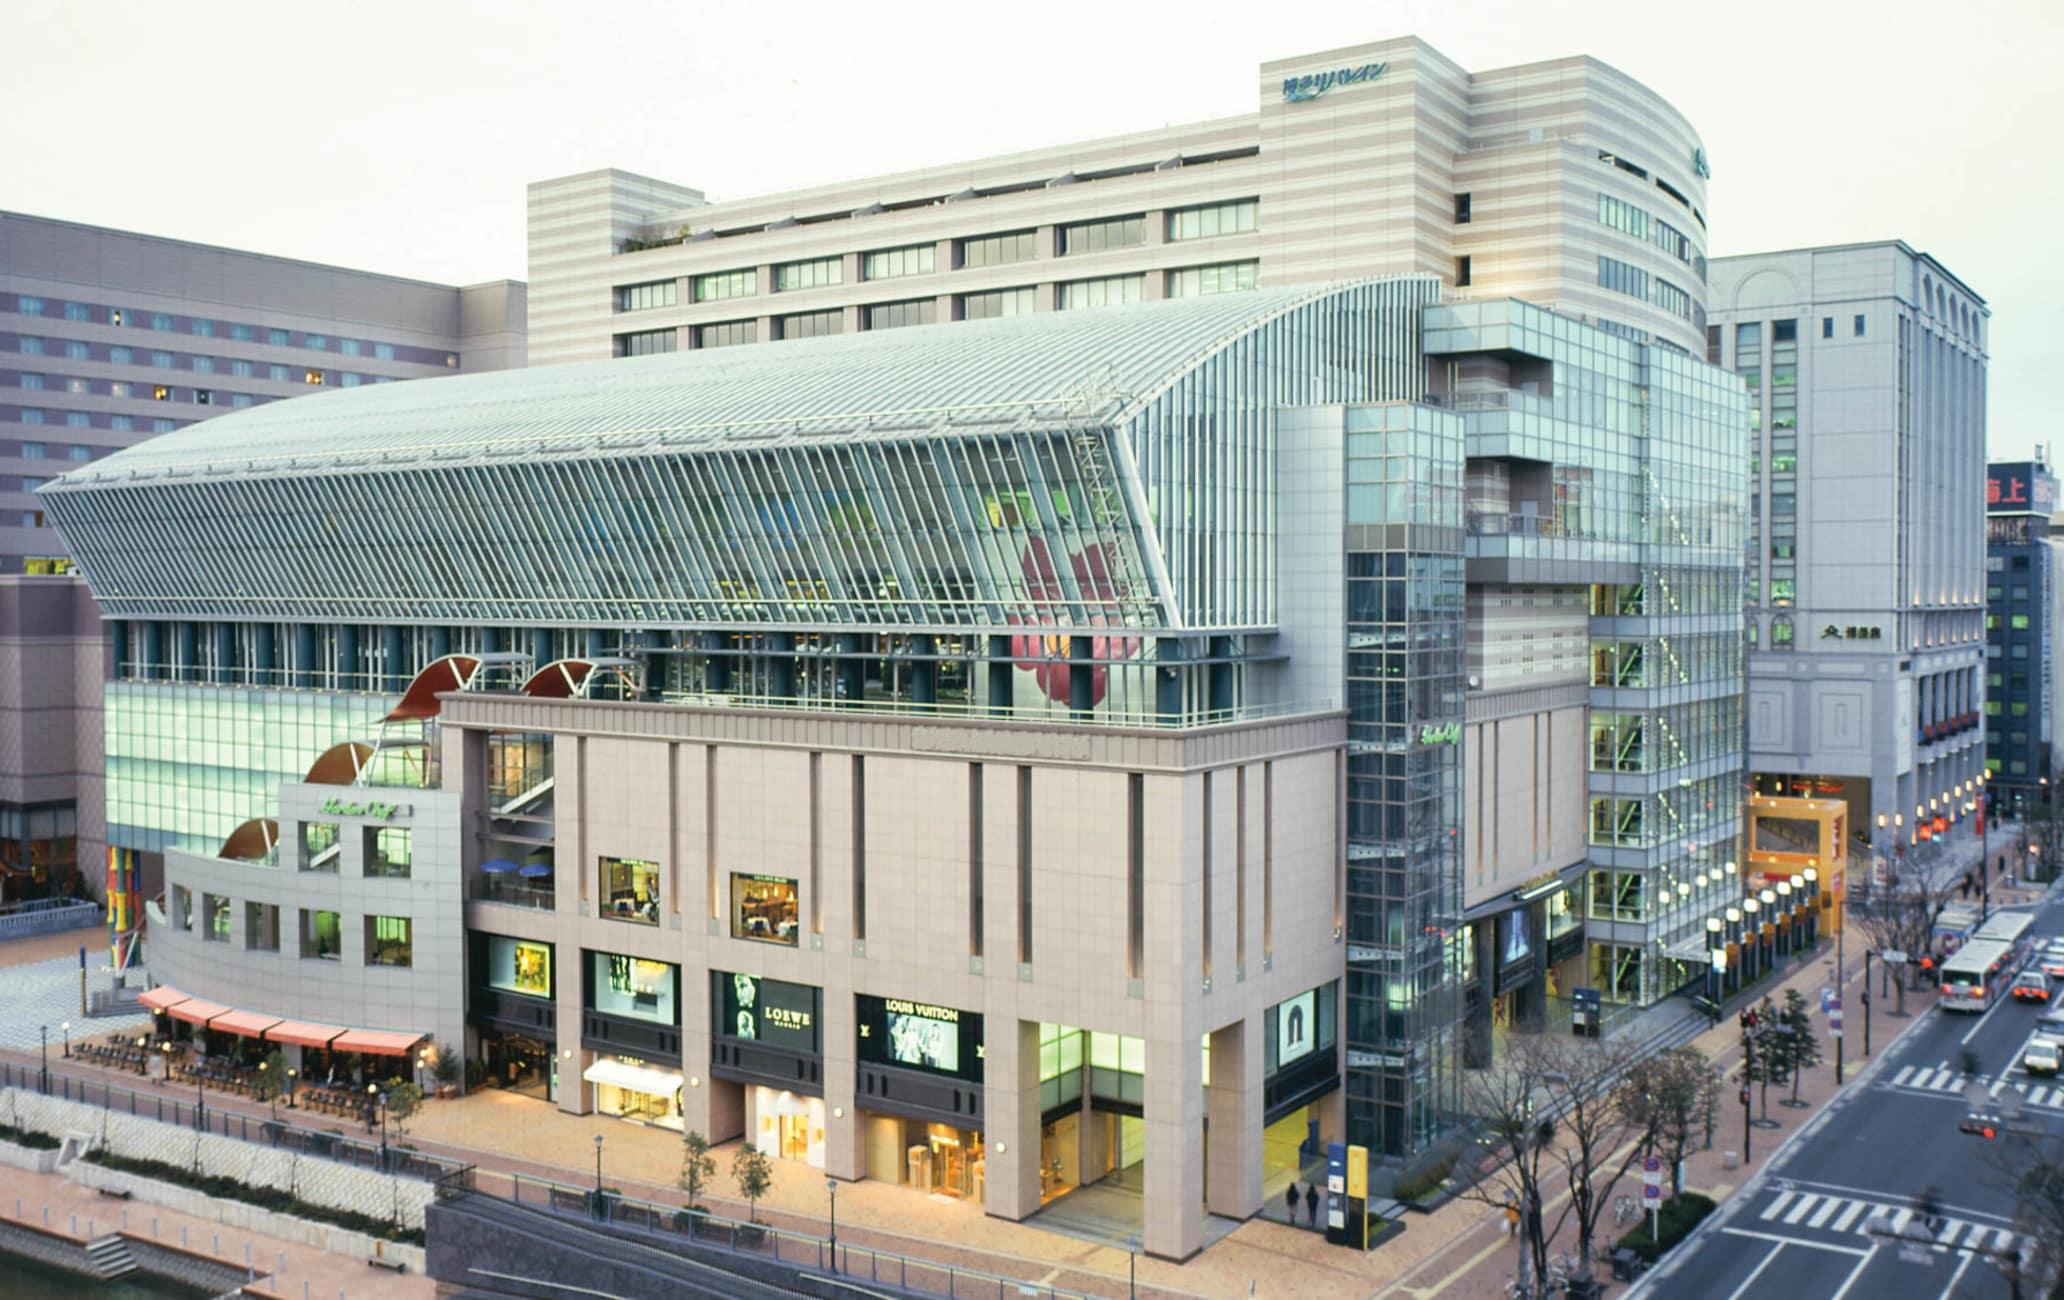 Fukuoka Asian Art Museum